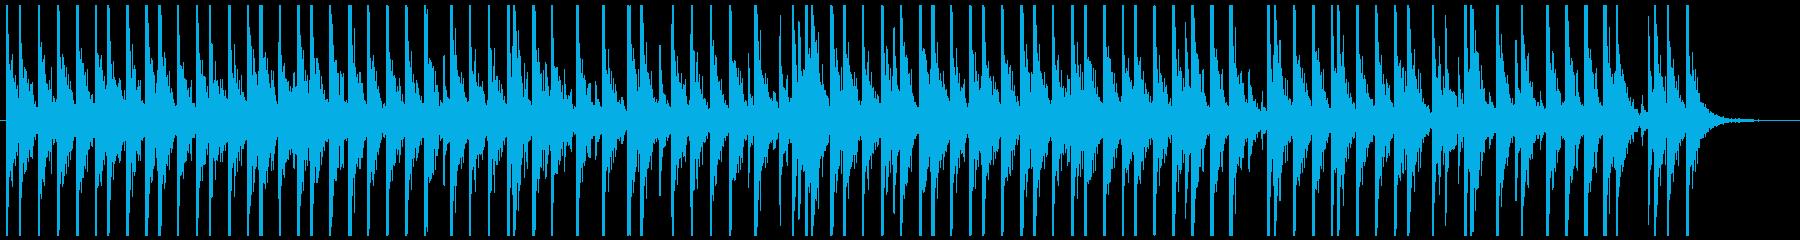 相撲の寄せ太鼓風SE その2の再生済みの波形